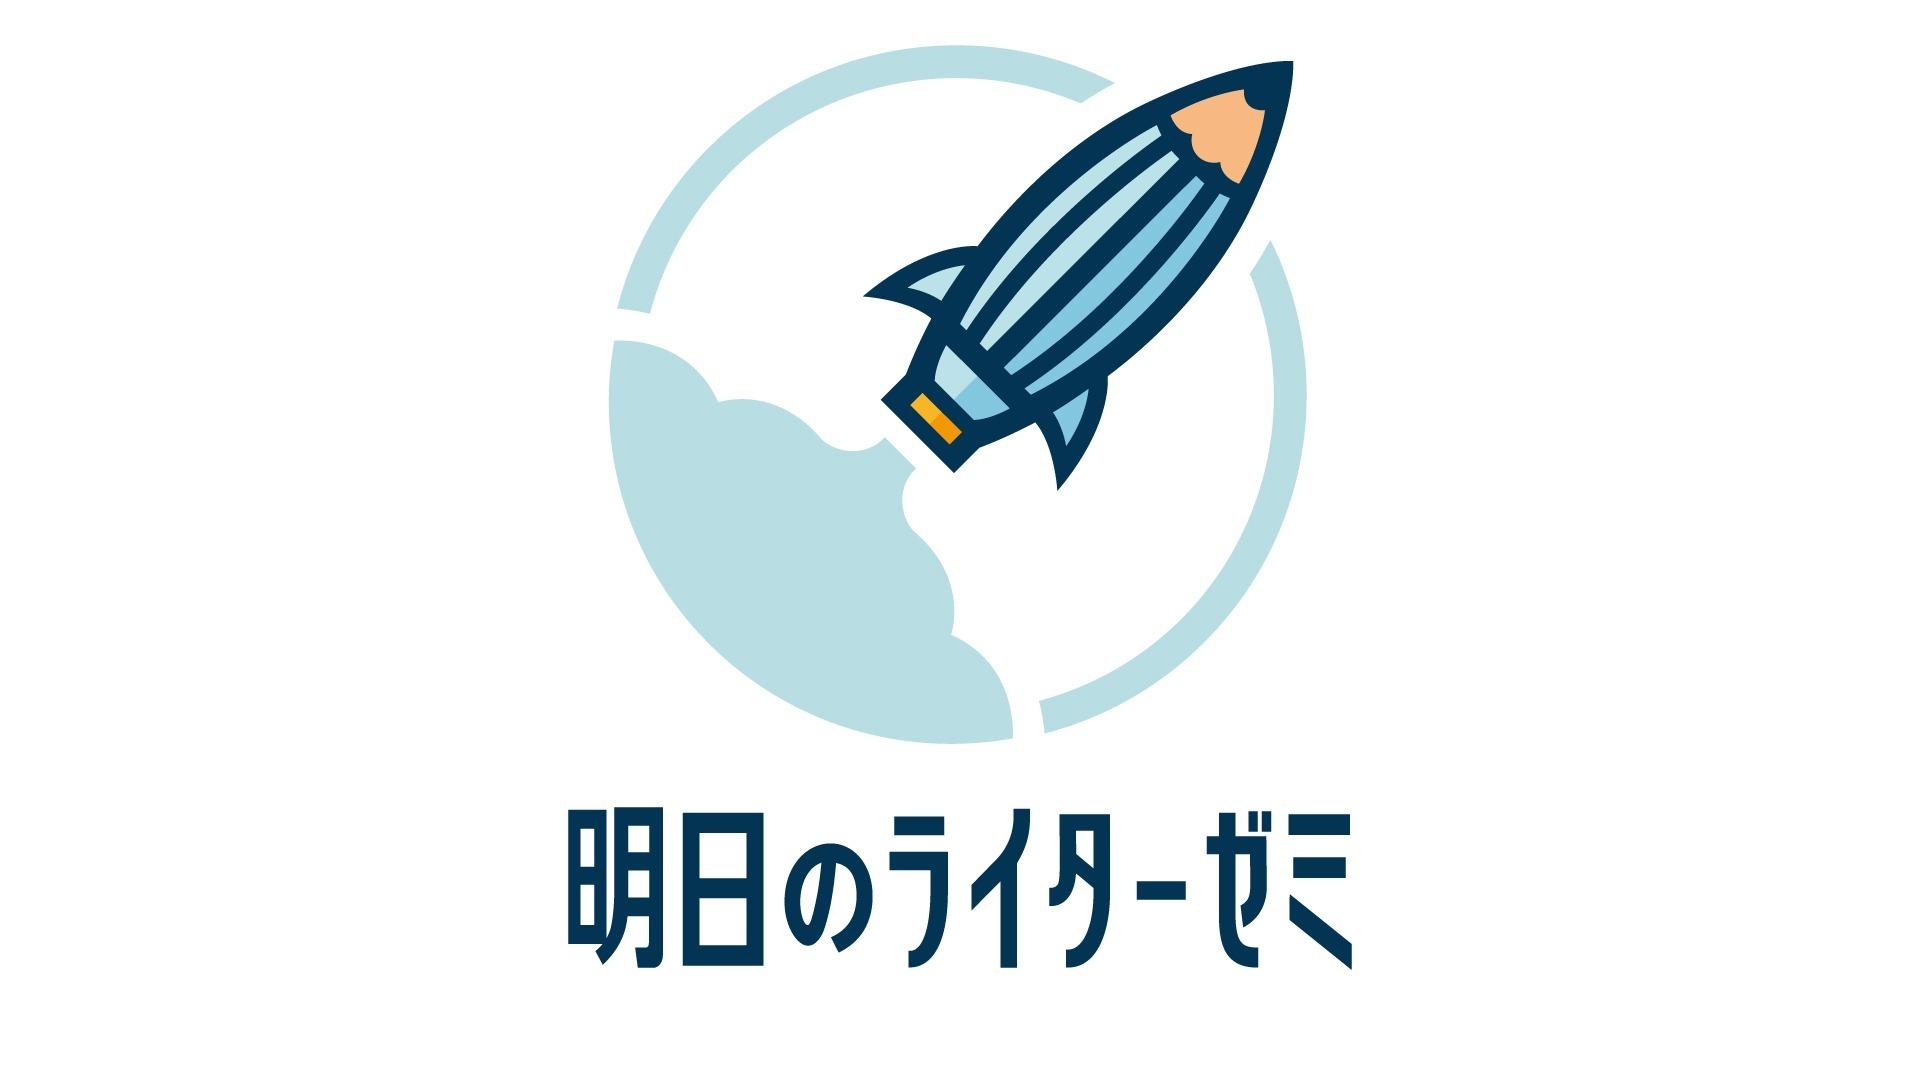 西島知宏 - 明日のライターゼミ - DMM オンラインサロン